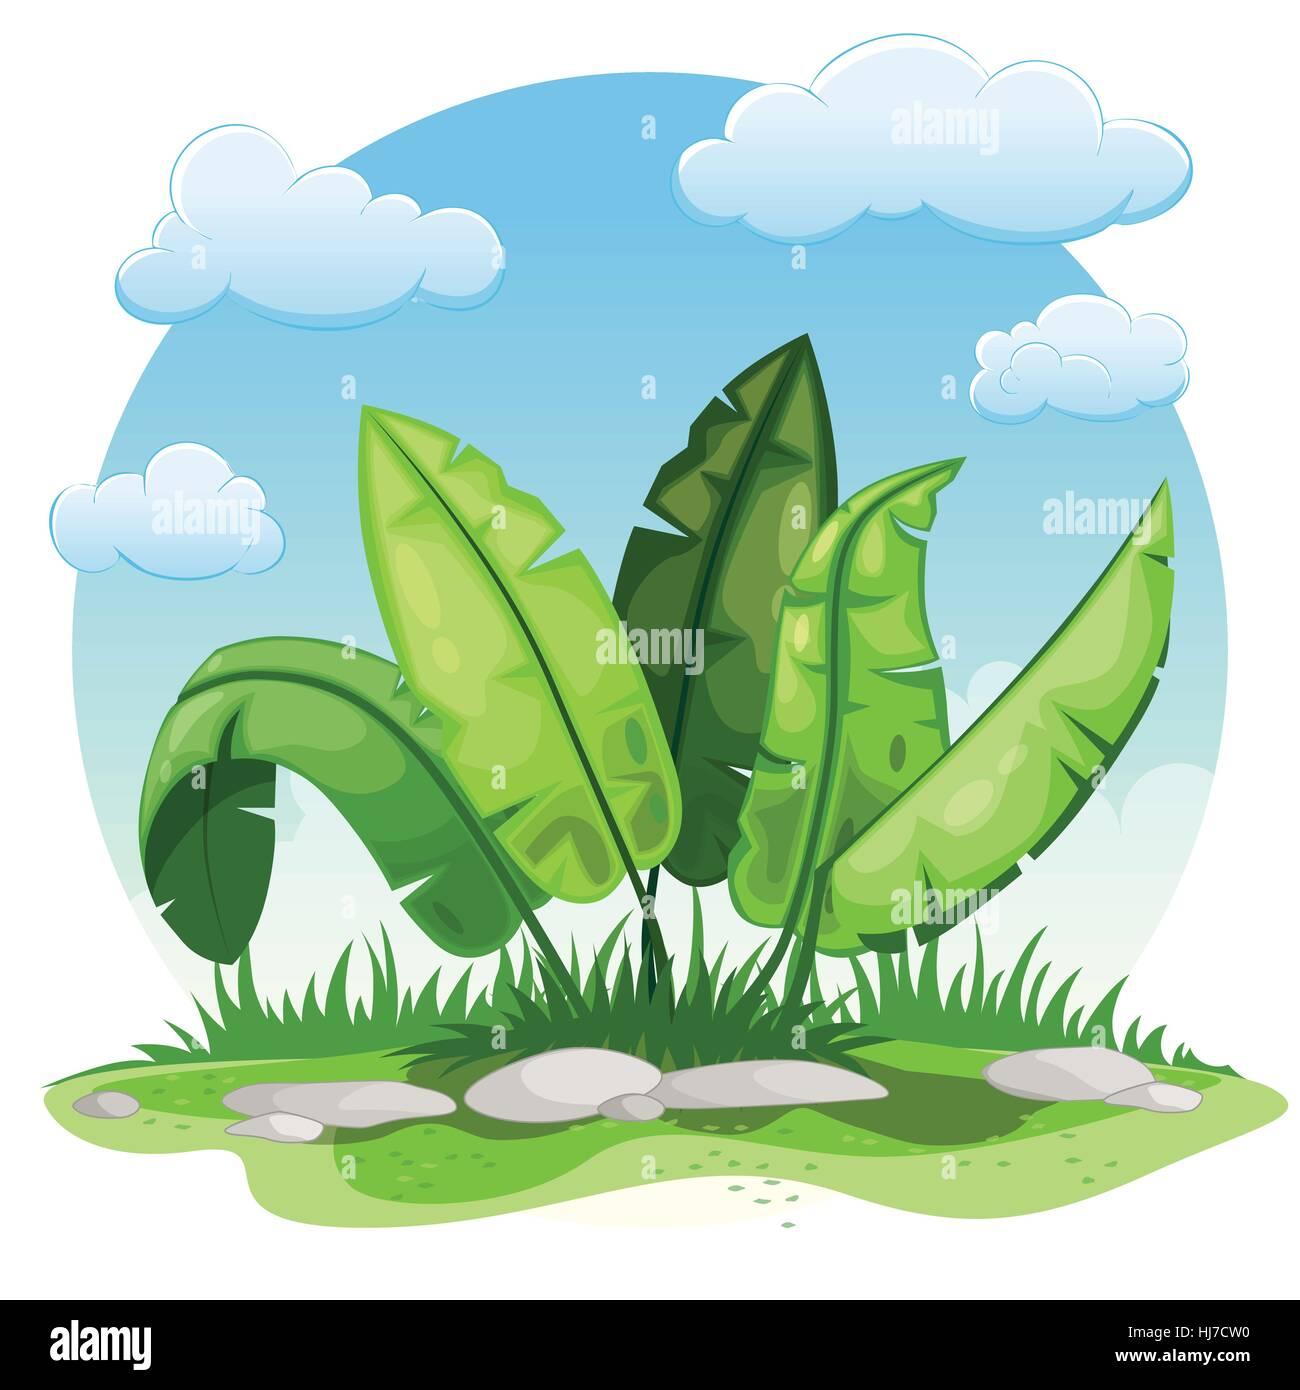 Ilustración de plantas de dibujos animados Imagen De Stock